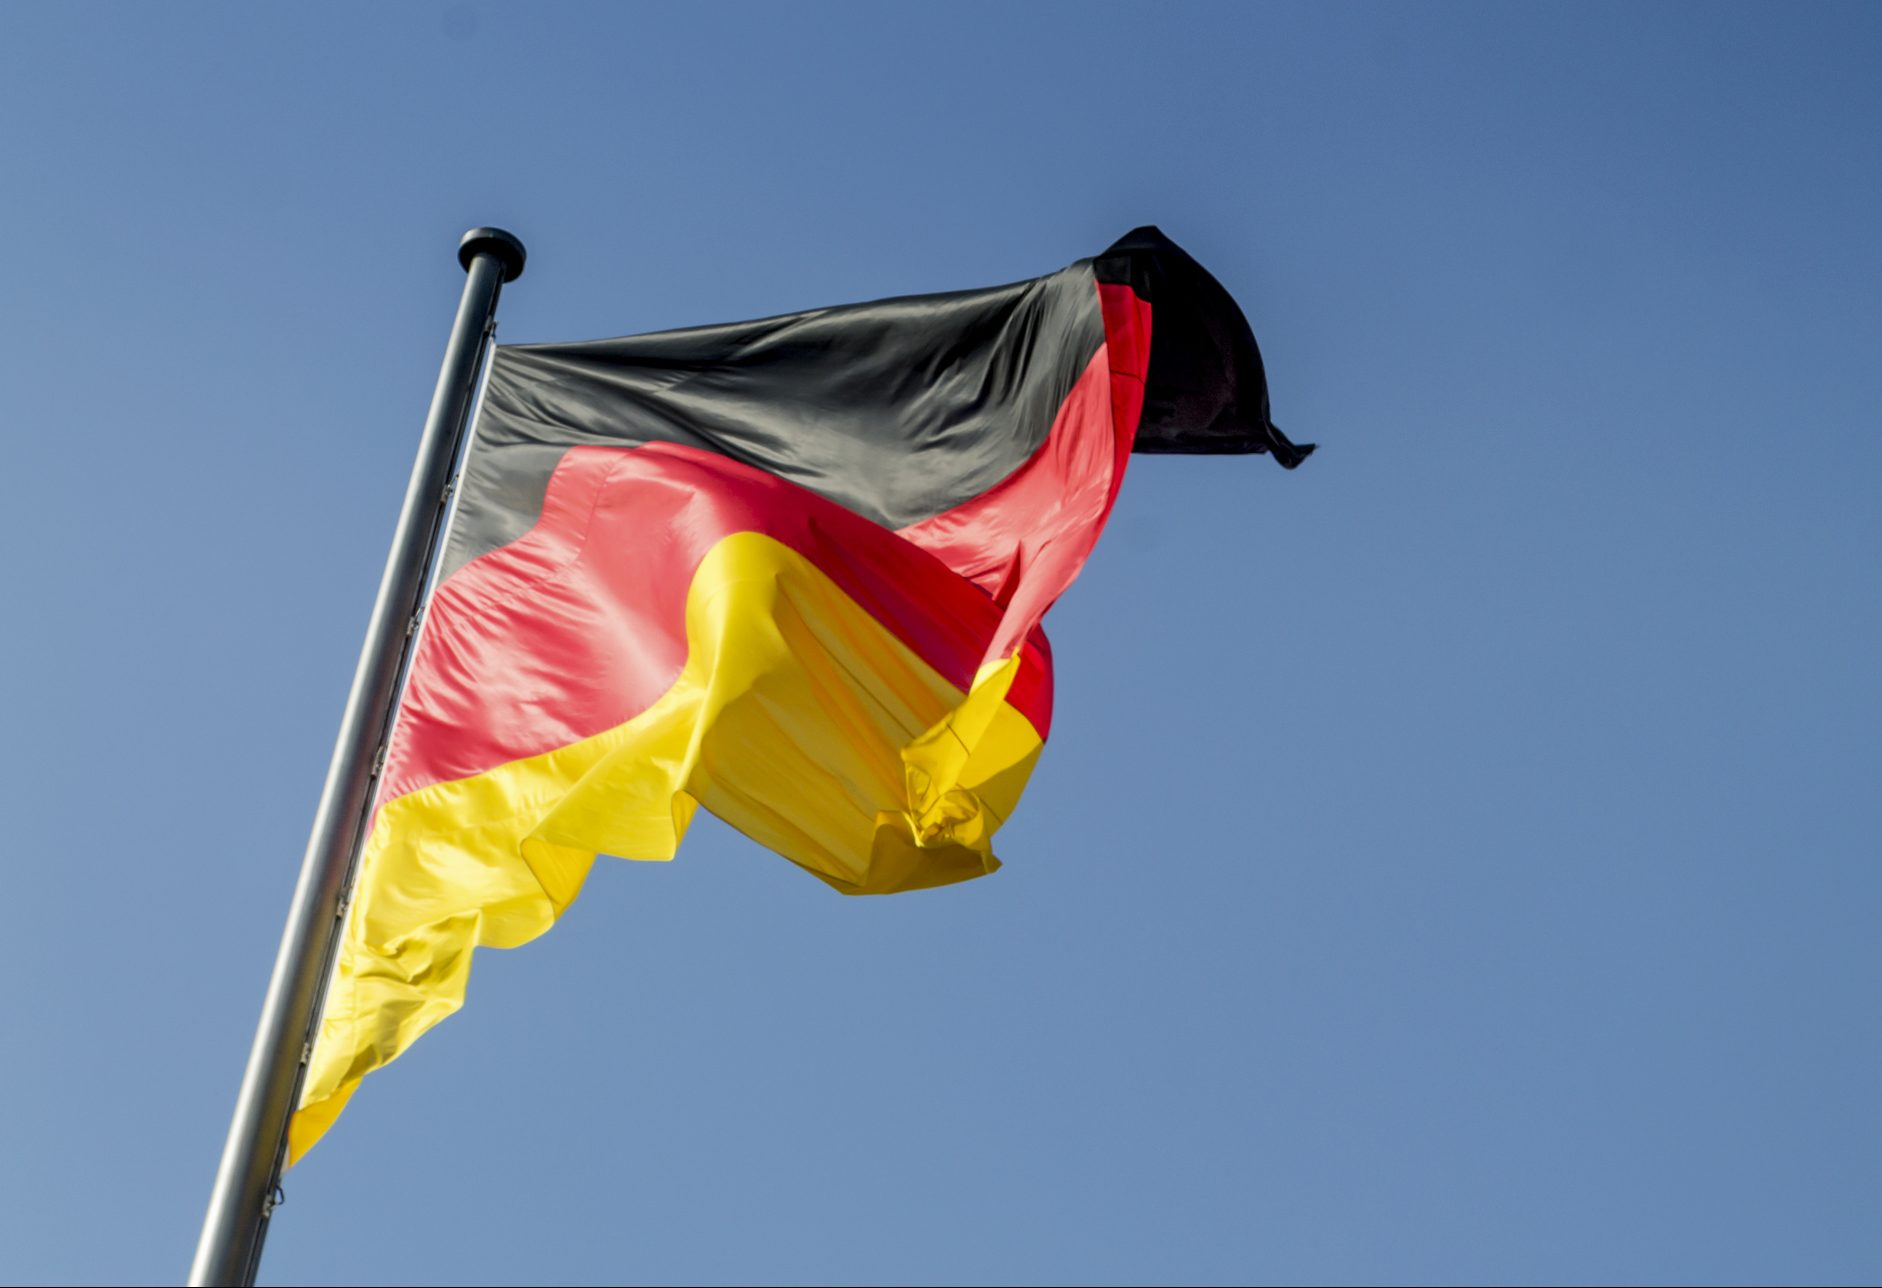 Mangelndes Vertrauen in Staat – Deutsche blicken ängstlich in die Zukunft